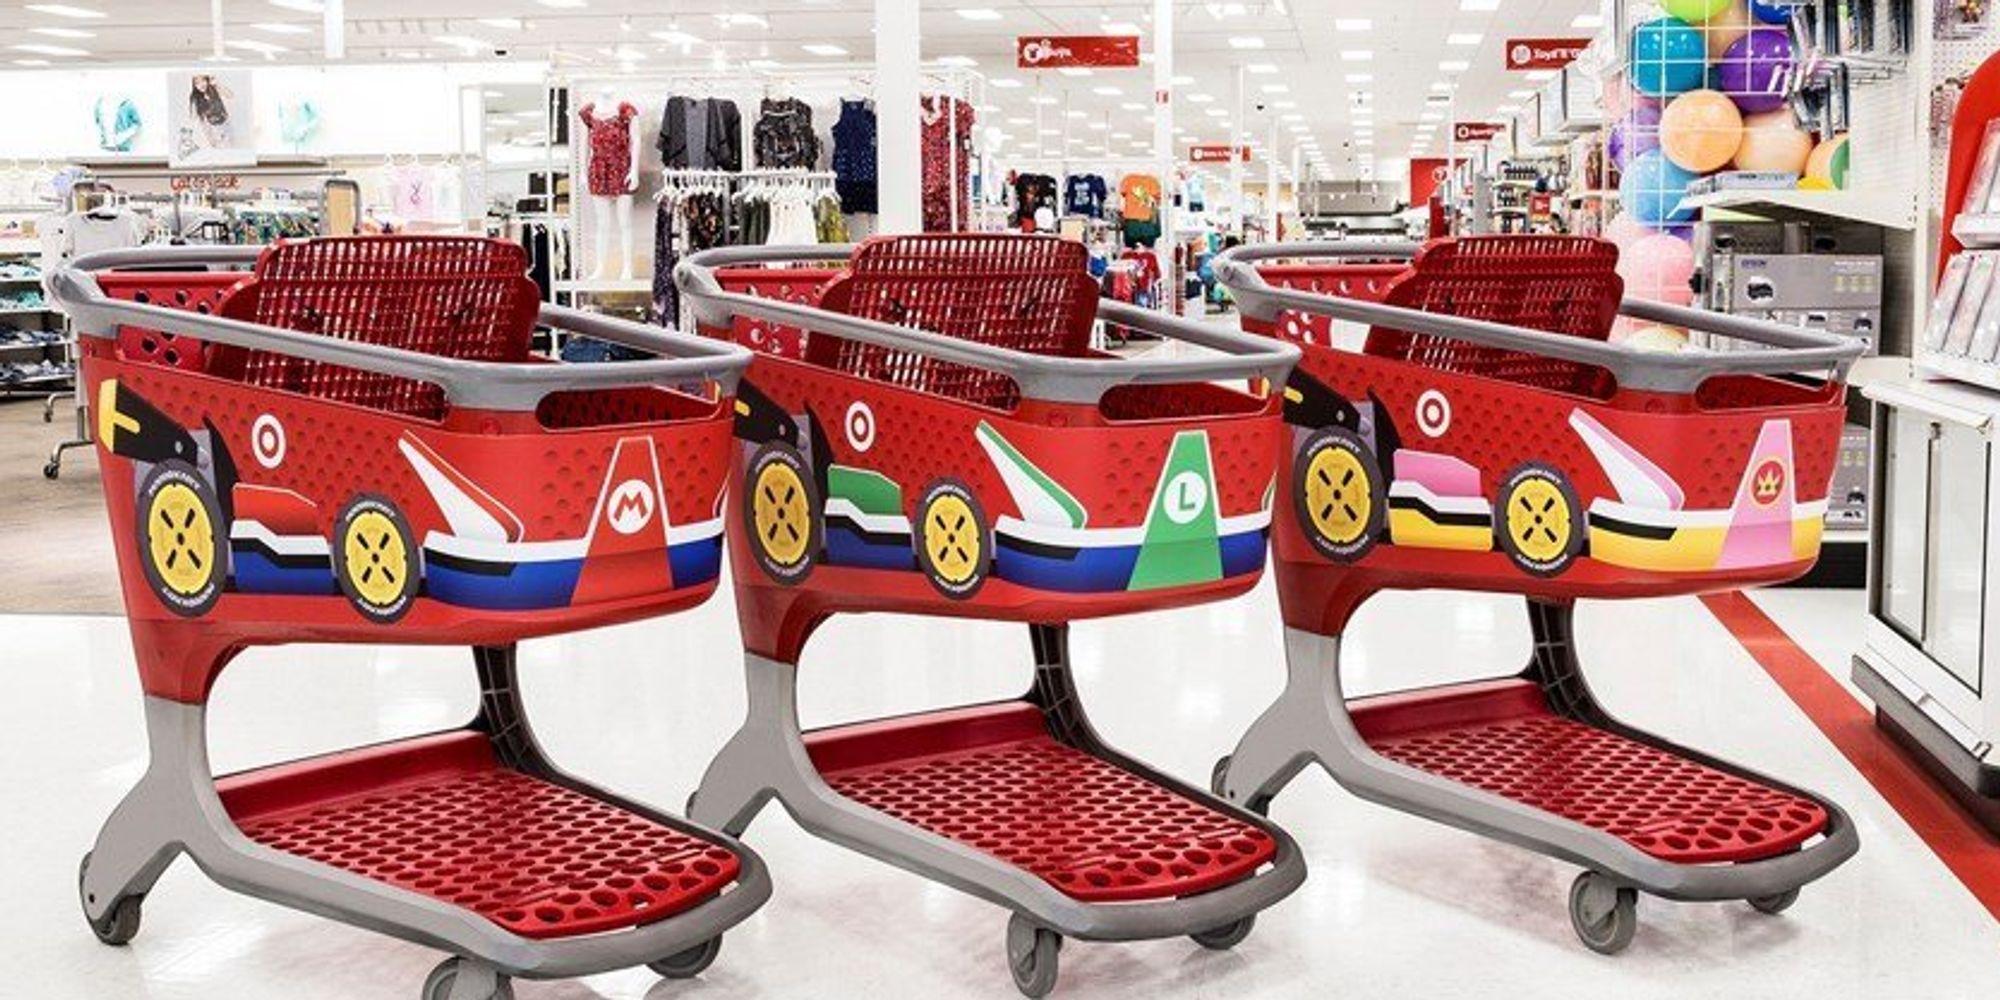 Target Turned its Shopping Carts into 'Mario Karts'